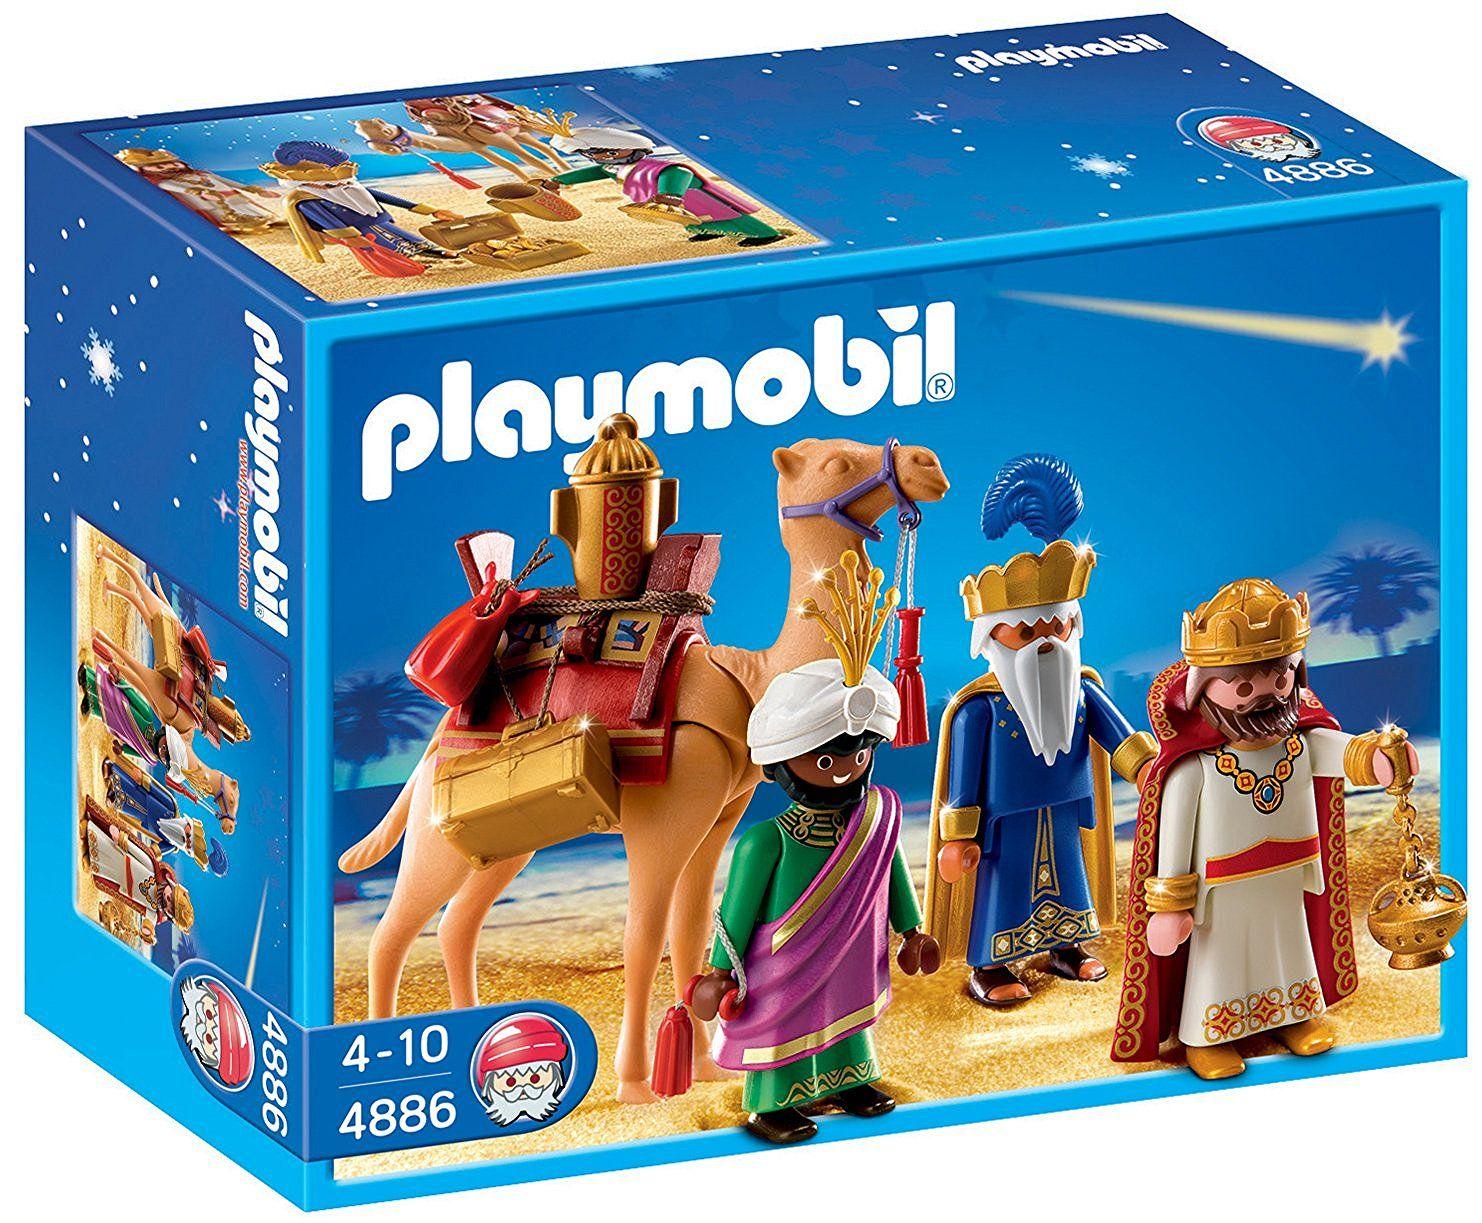 86e8cc07dd8 Playmobil - Reyes Magos (4886)  Amazon.es  Juguetes y juegos ...